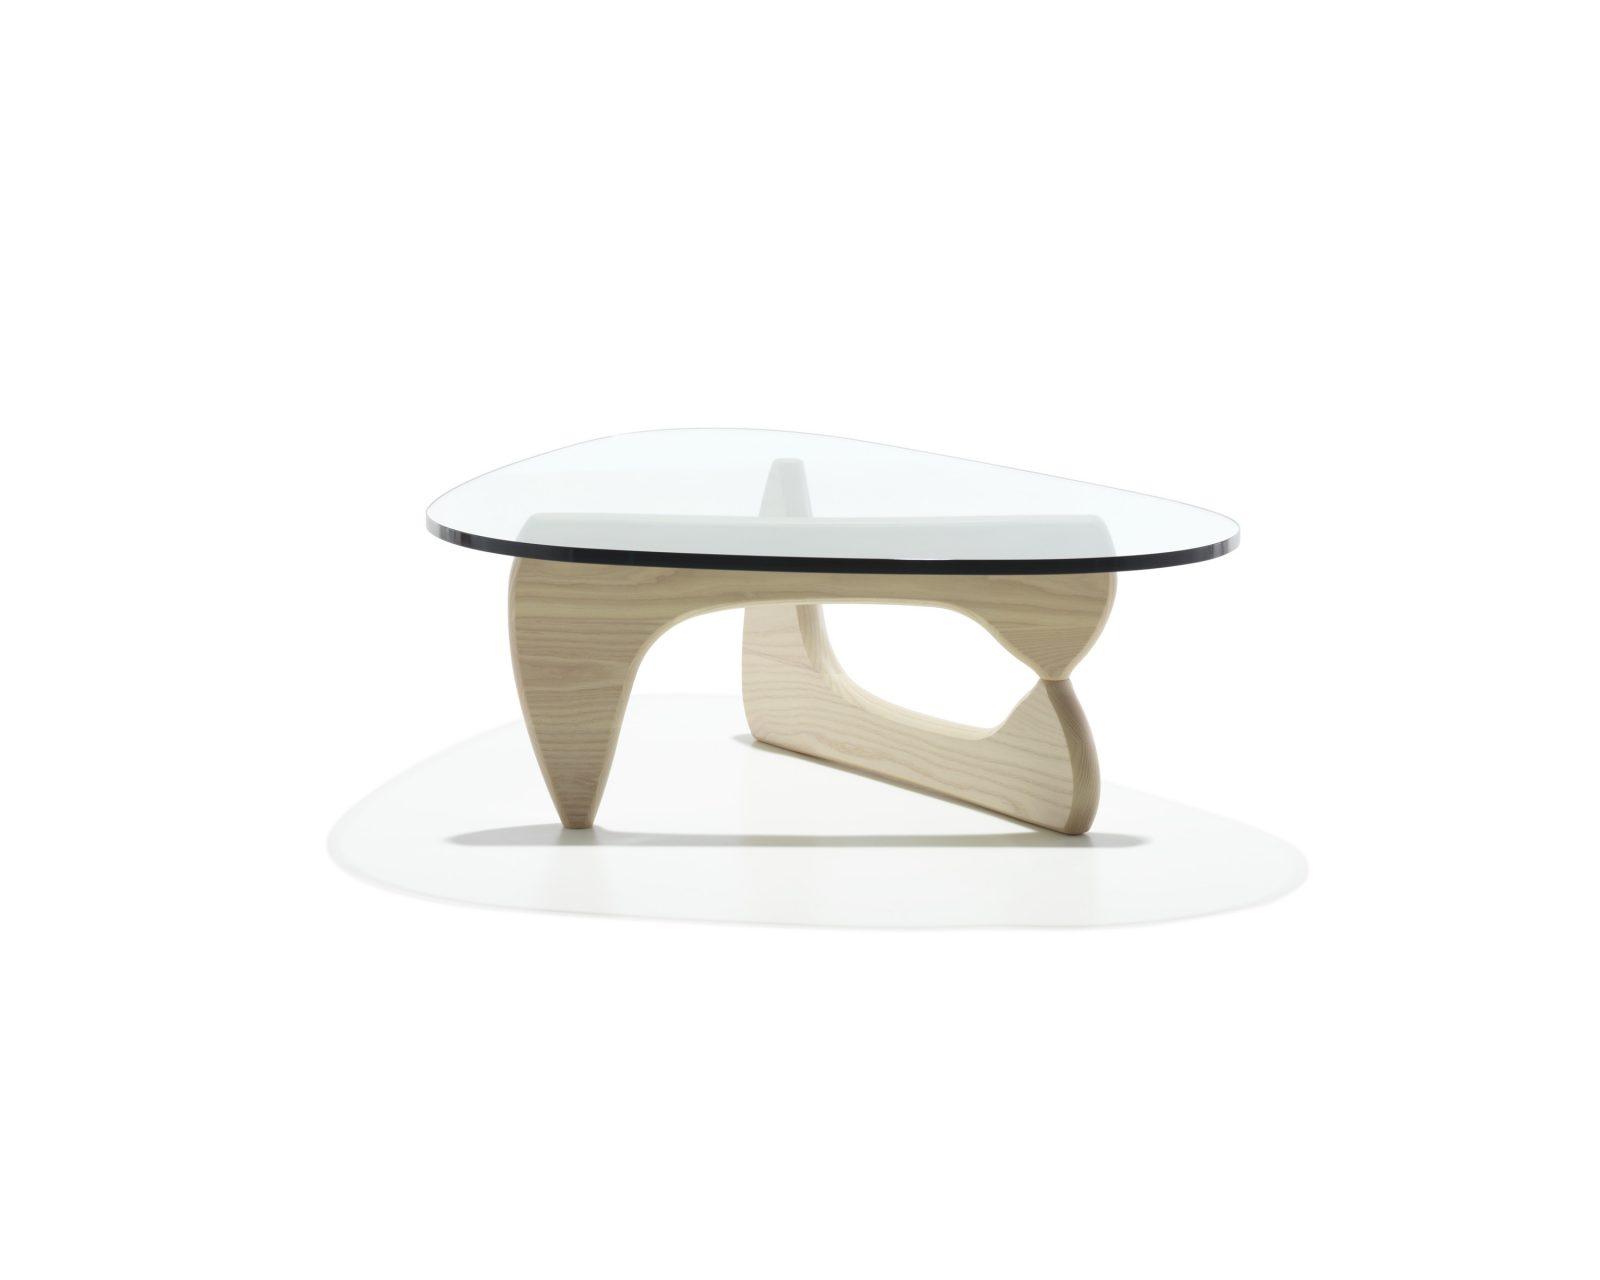 mesa-cafe-isamu-noguchi-herman-miller-03-1600x1280